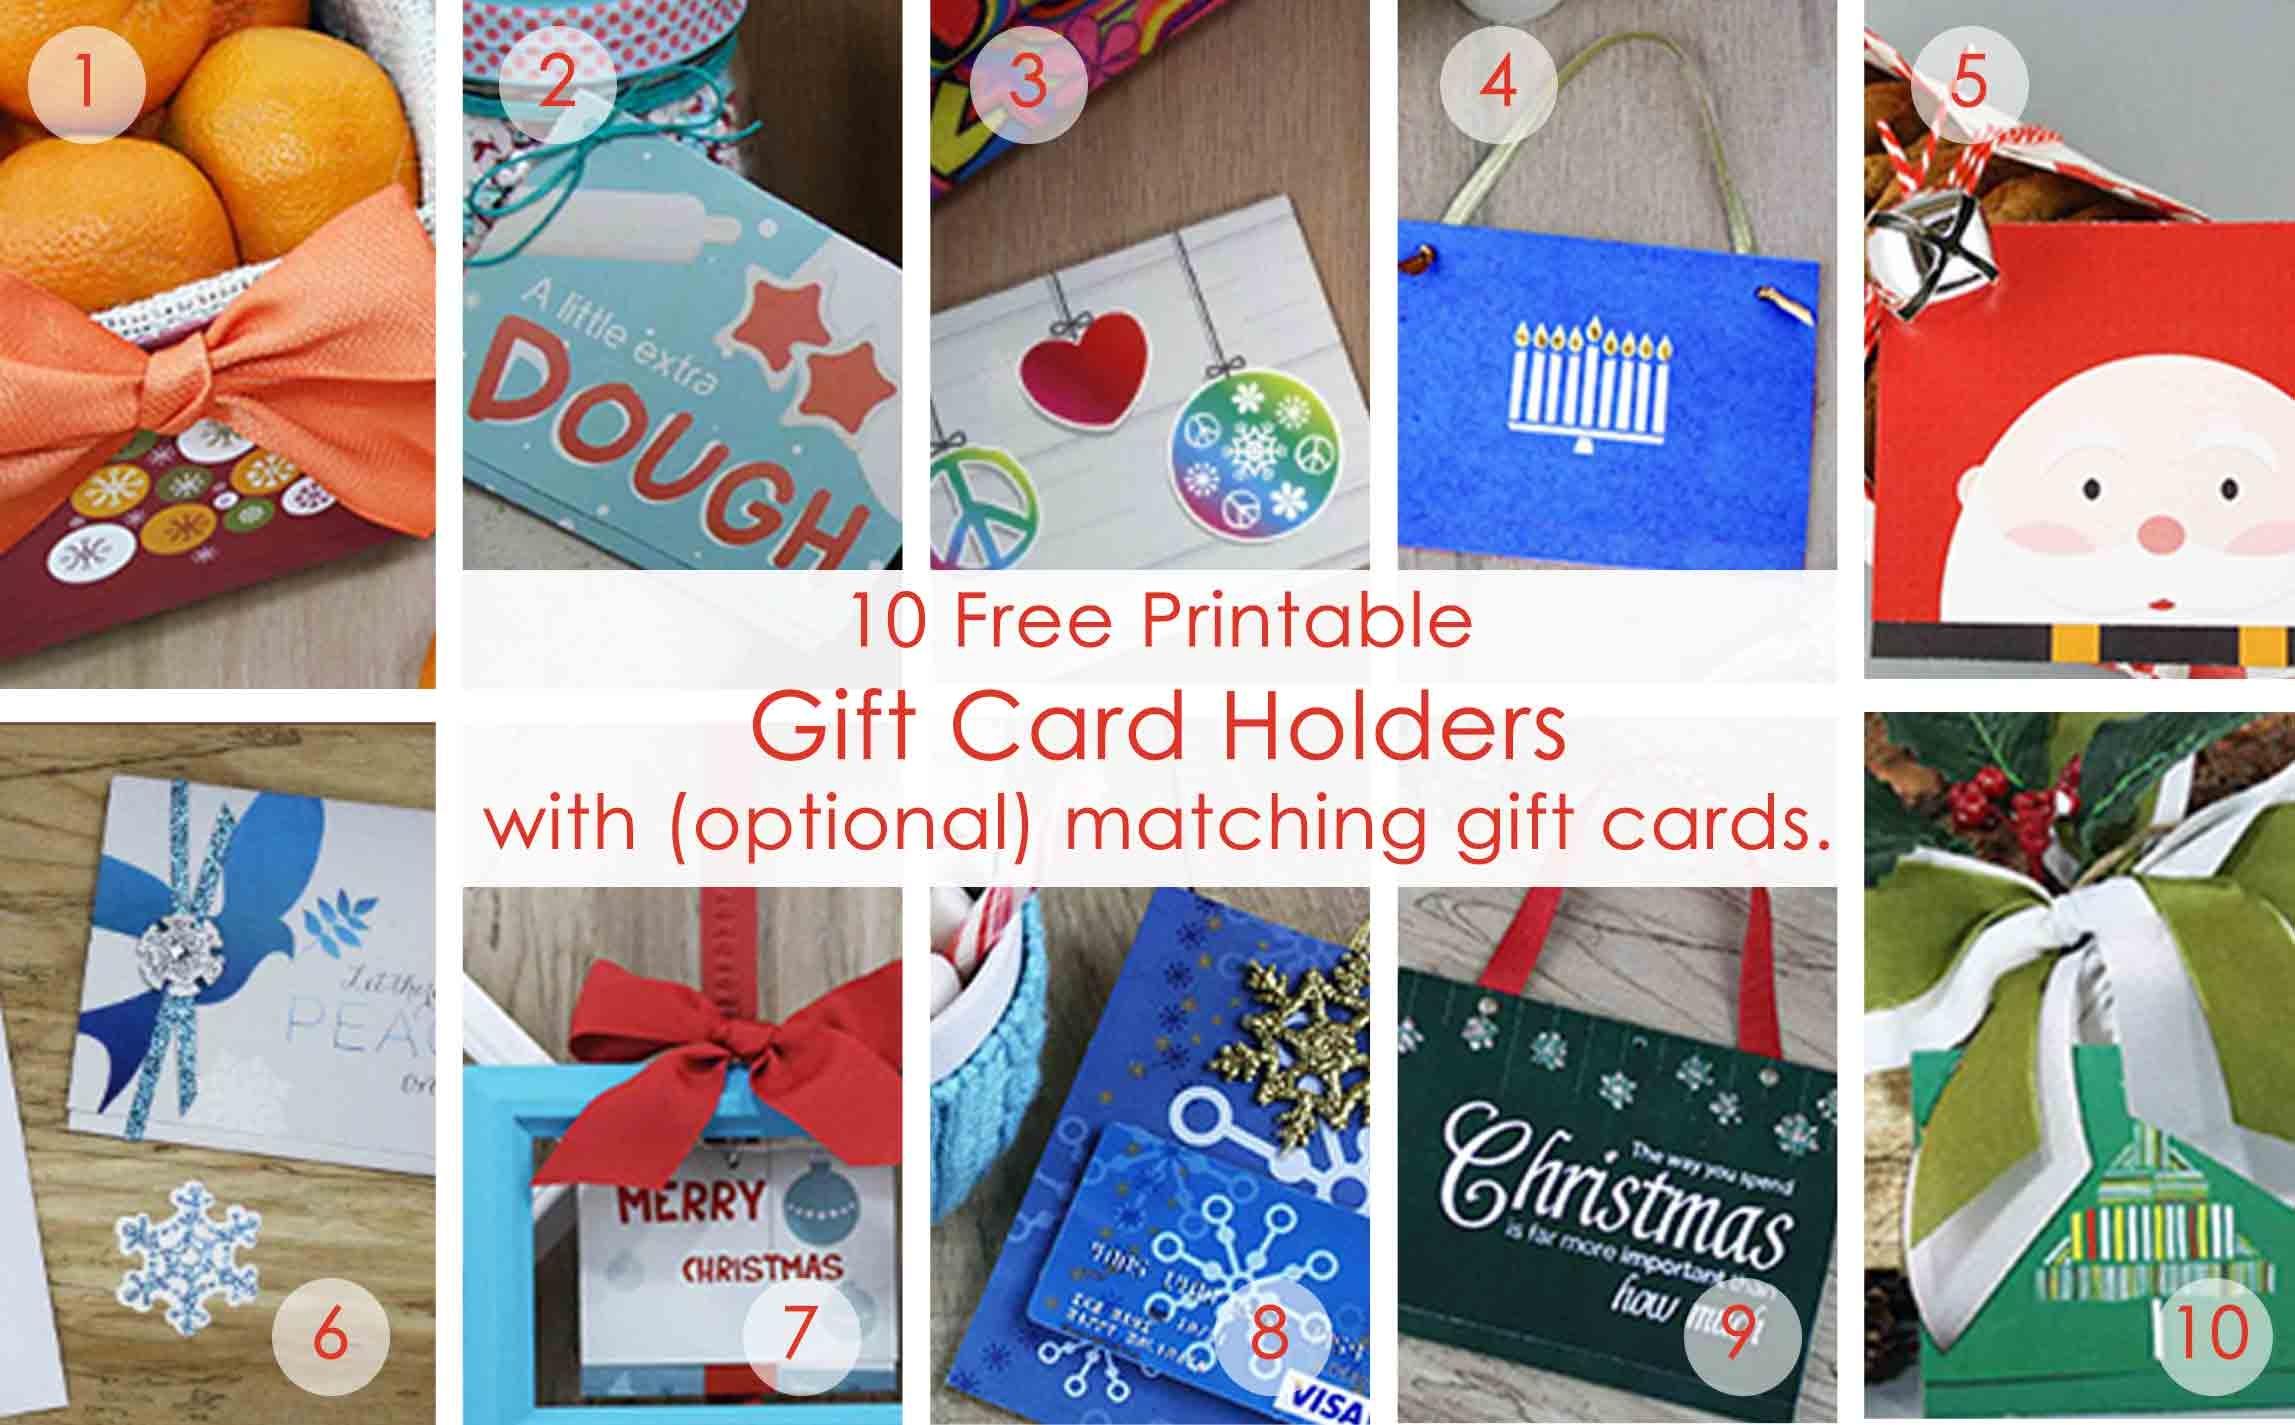 Over 50 Printable Gift Card Holders For The Holidays | Gcg - Free Printable Christmas Gift Cards